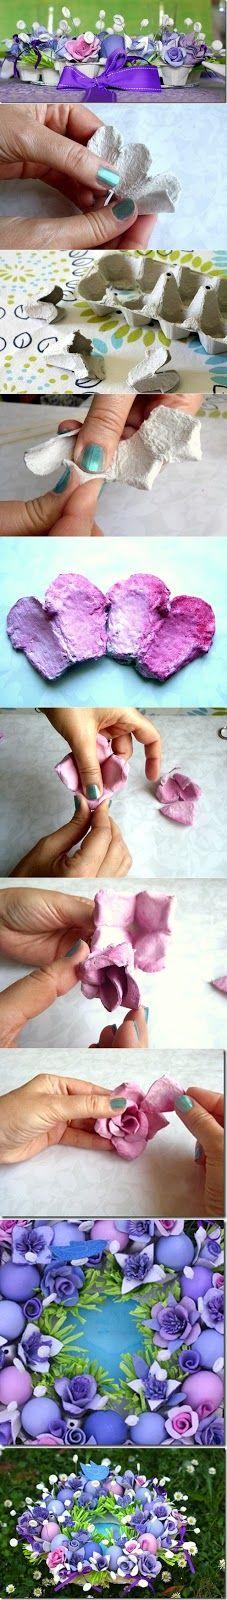 Tarif Dunyam: Yumurta kolisinden Çiçek Yapımı